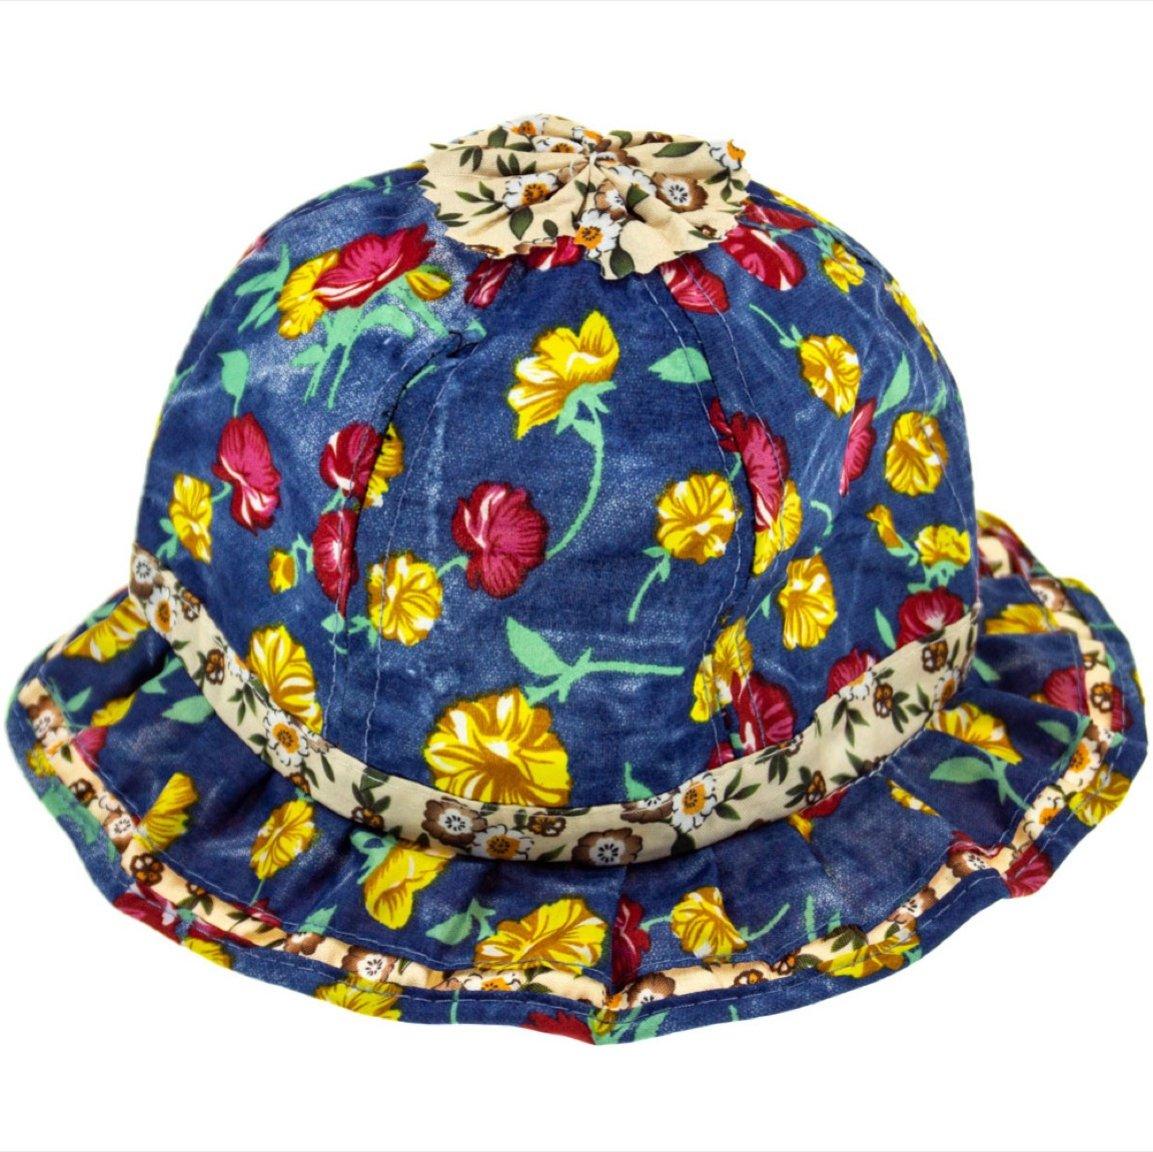 Georgia Accessories παιδικό καπέλο «Flowery Garden»